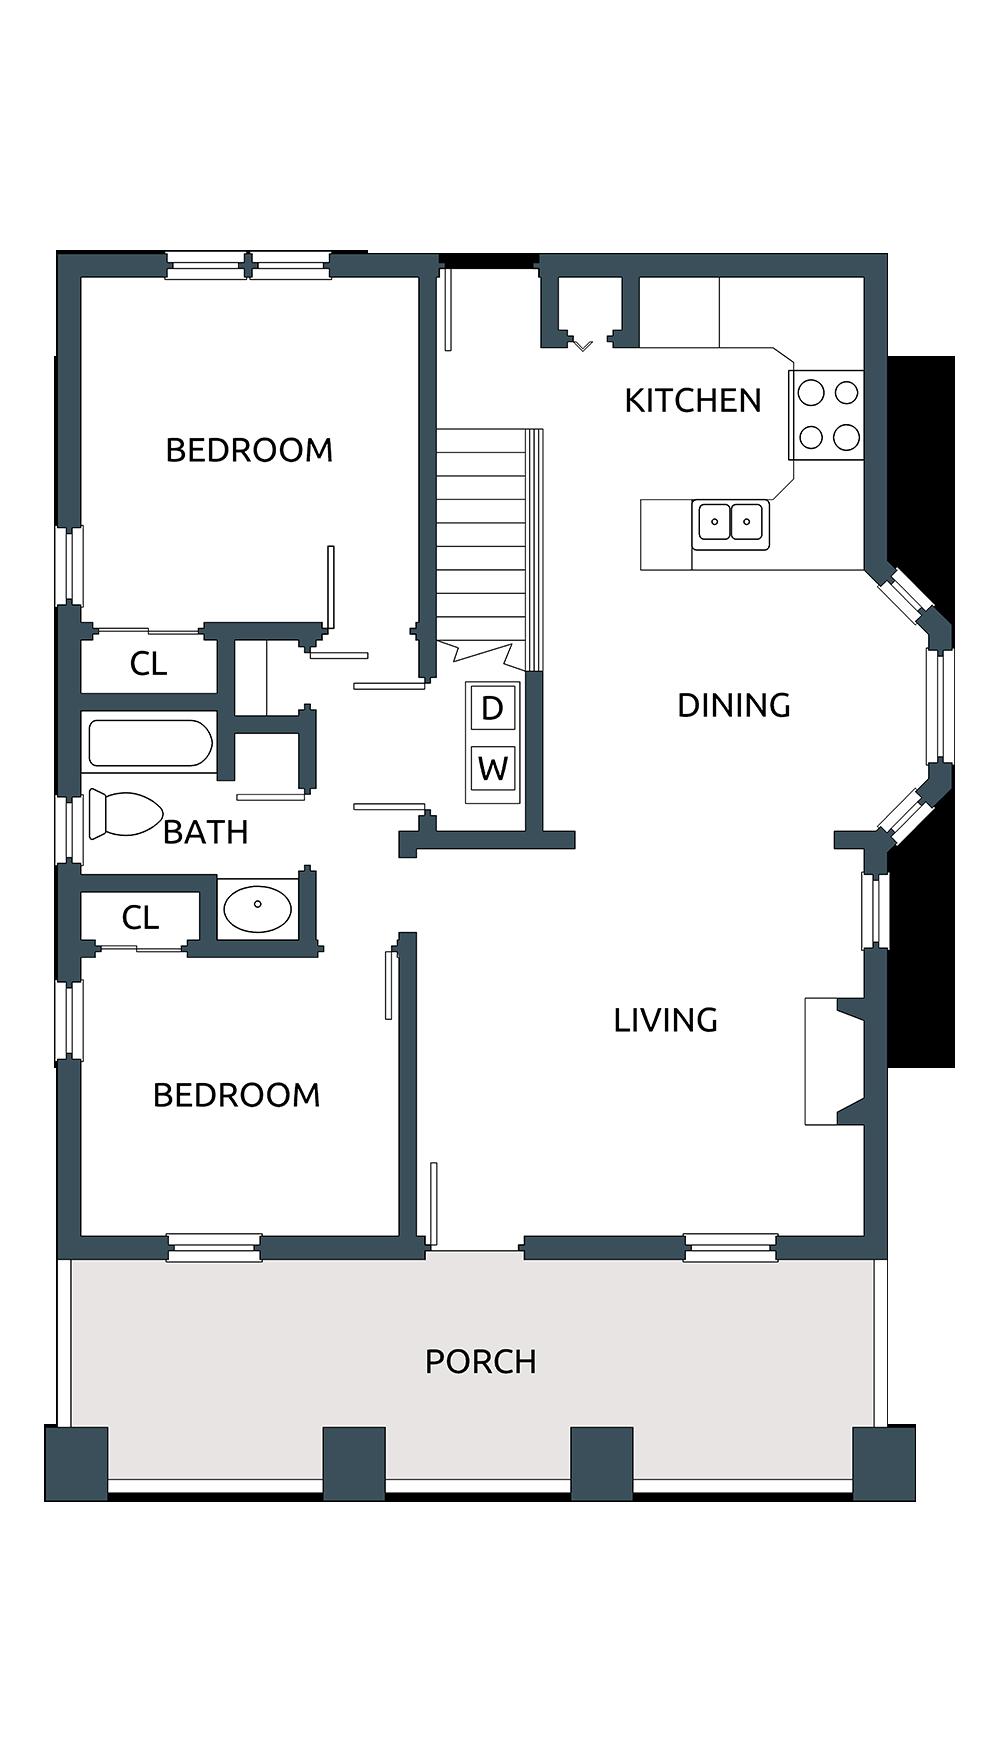 1 Sth Floor